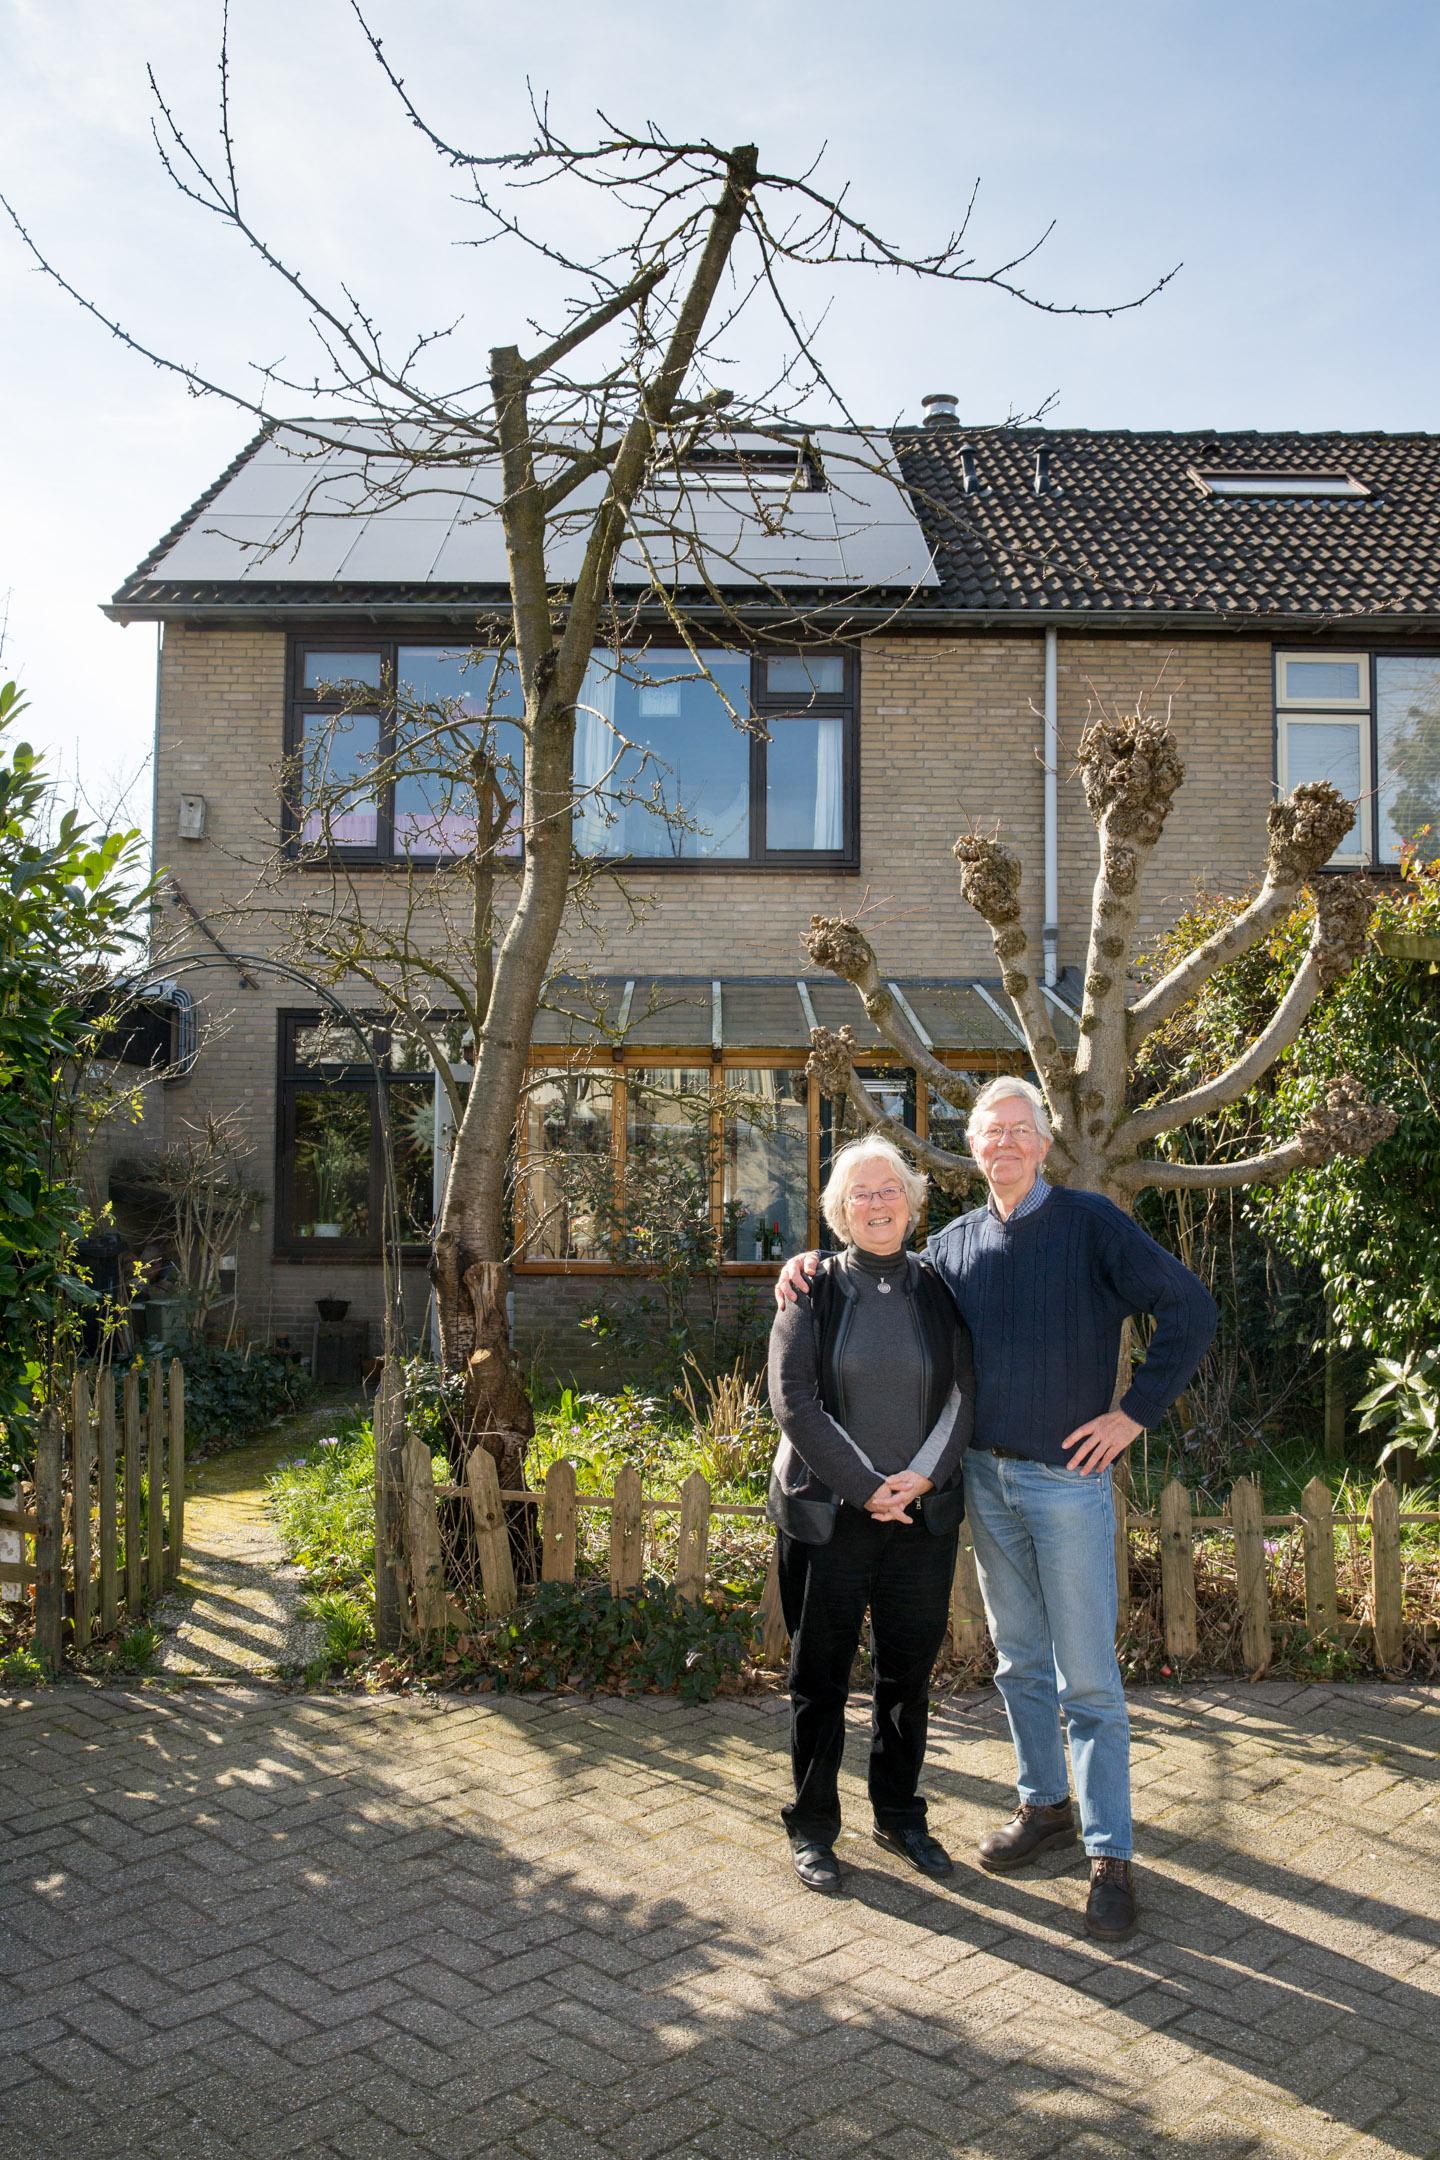 Energieneutraal-huis-woonwijk-wonen-thuisbaas-credit-Chantal-Bekker-GraphicAlert-49